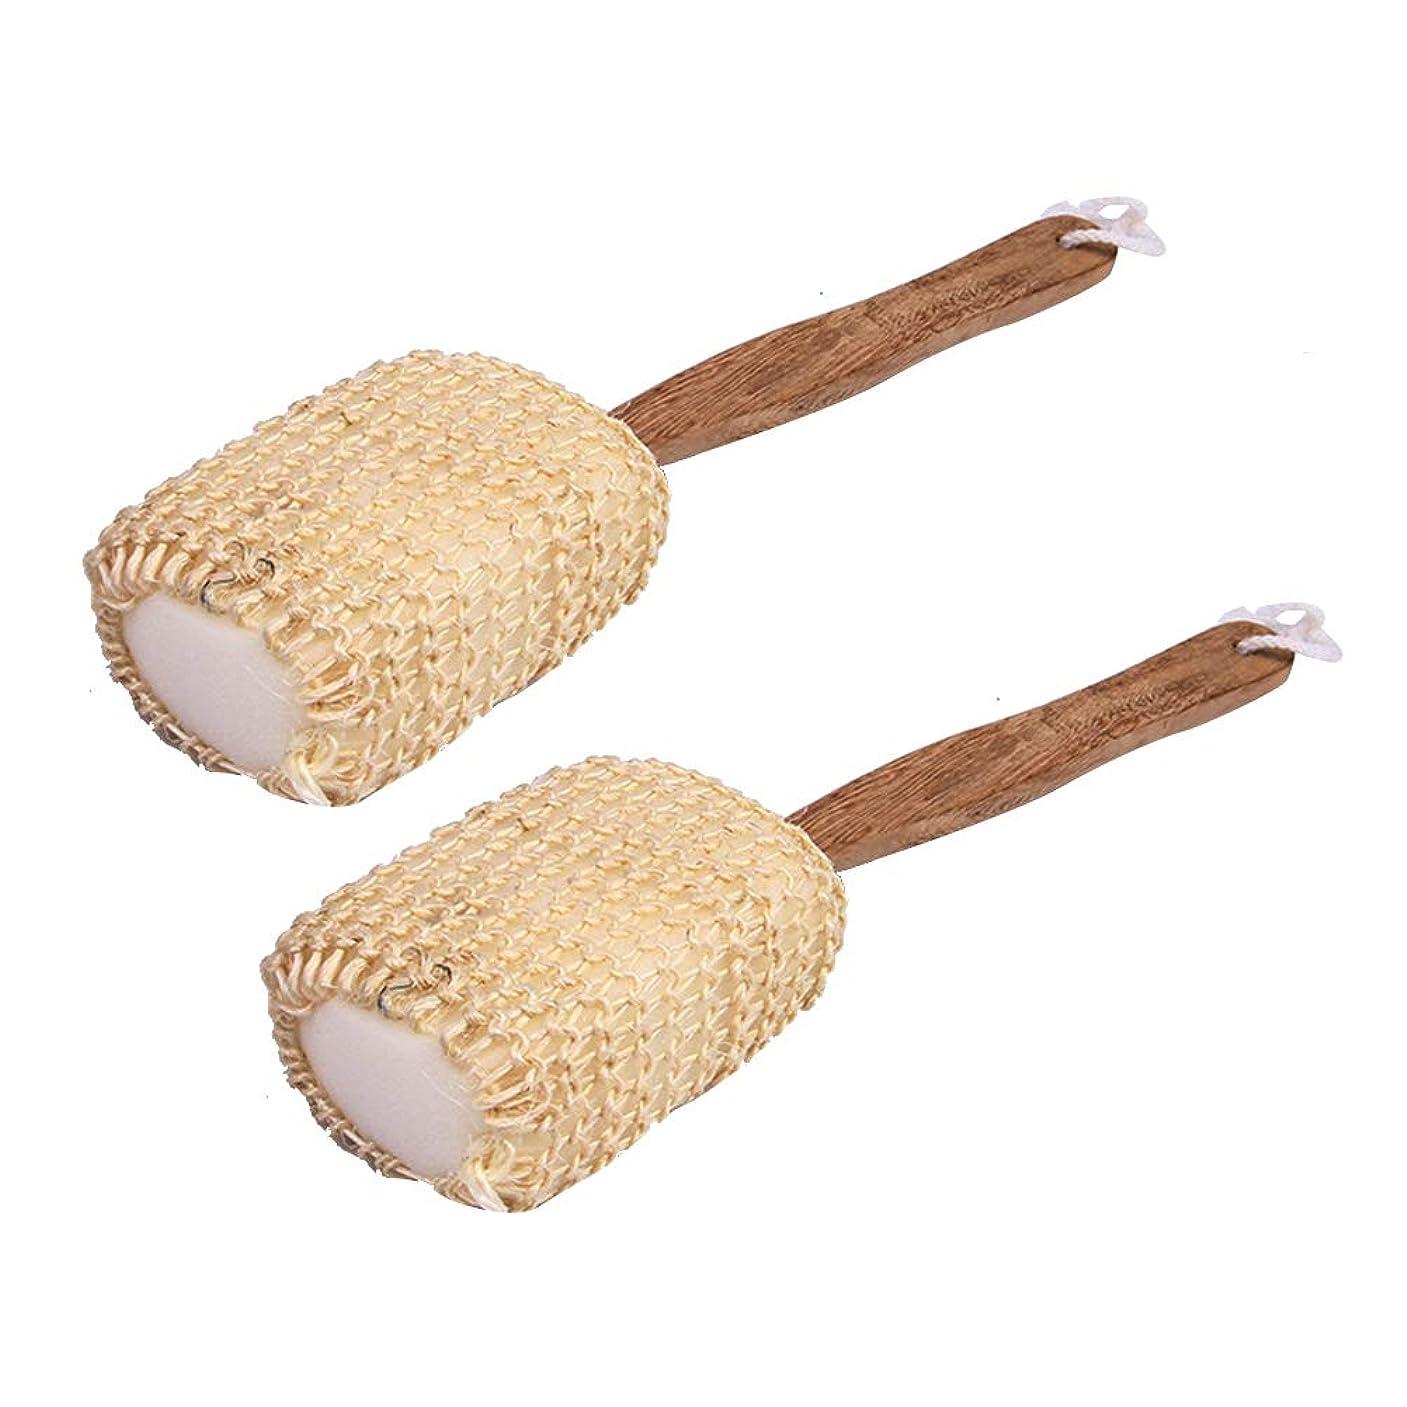 化粧現象リーTopbathy 2ピース入浴ボディブラシ付きウッドハンドル風呂loofahバックスクラバー剥離シャワーブラシ用男性女性